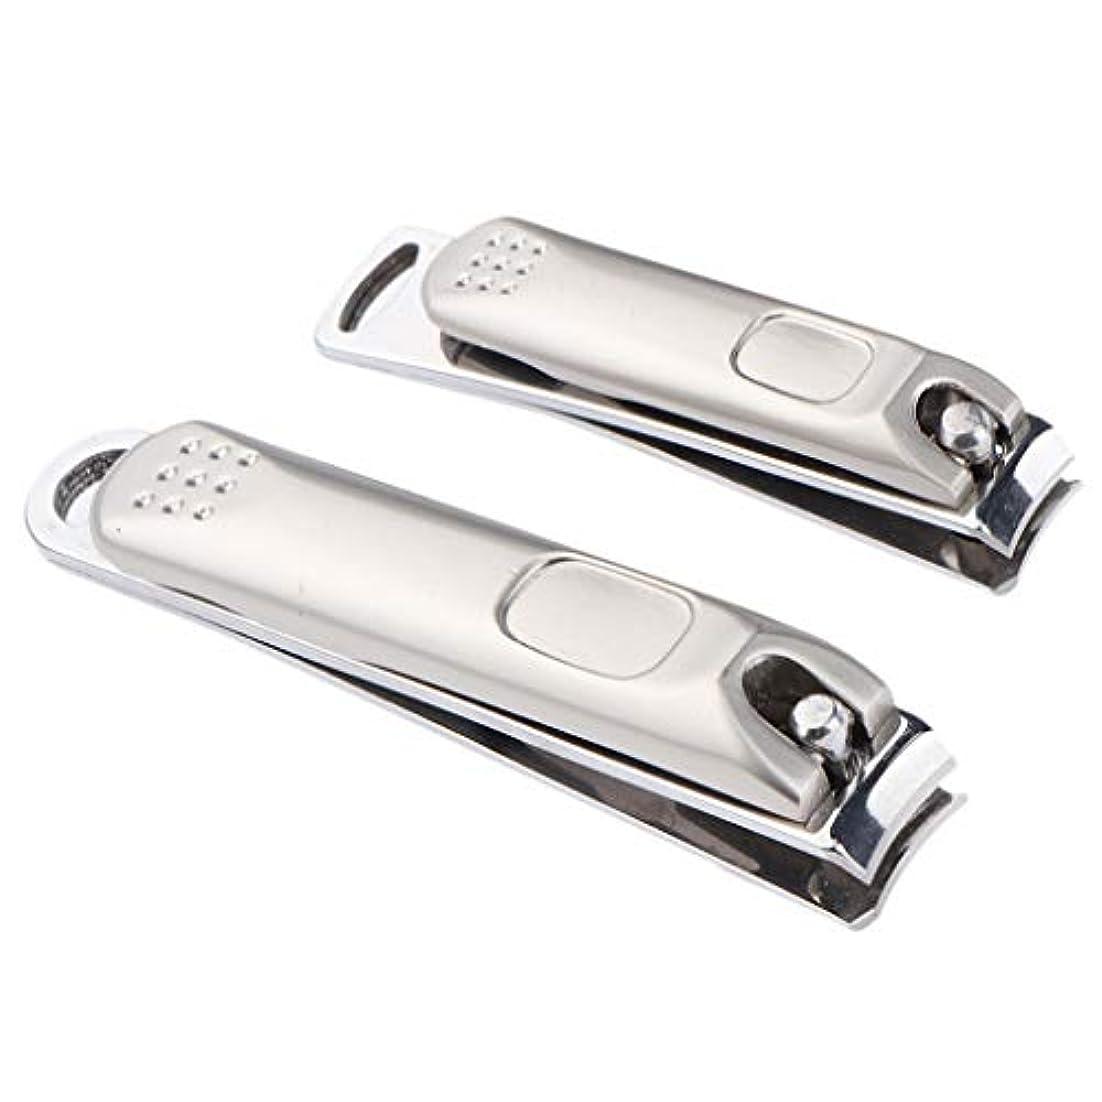 毒液眼またはCUTICATE プロのステンレス鋼の爪切りカッターマニキュアトリマーネイルツール